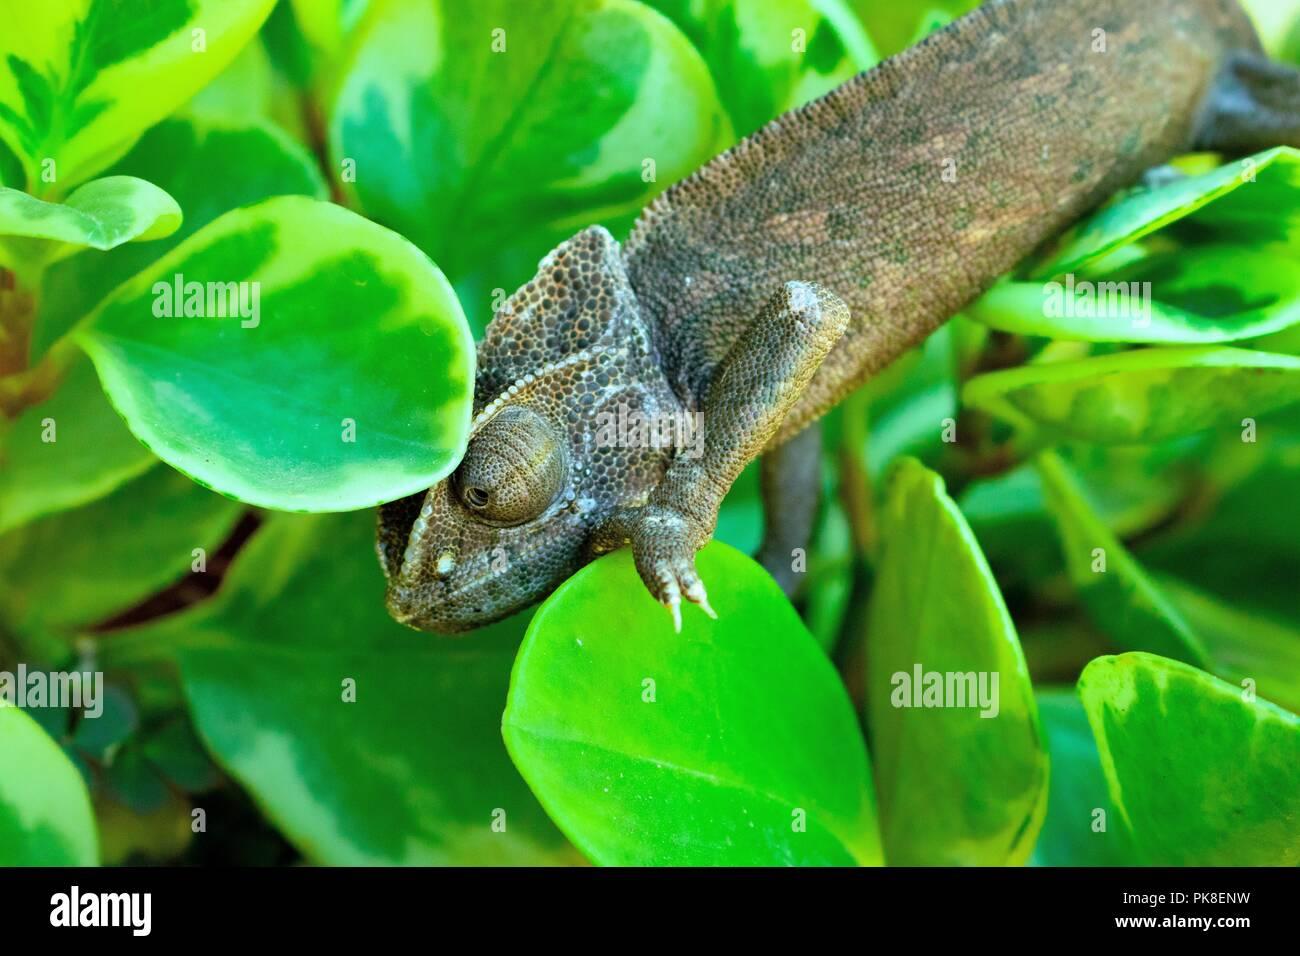 El Camaleón Cuenta con dedos oponibles y cola prensil (motivo por el cual la cola no puede desprenderse del cuerpo). Posee una lengua larga, pegajosa - Stock Image